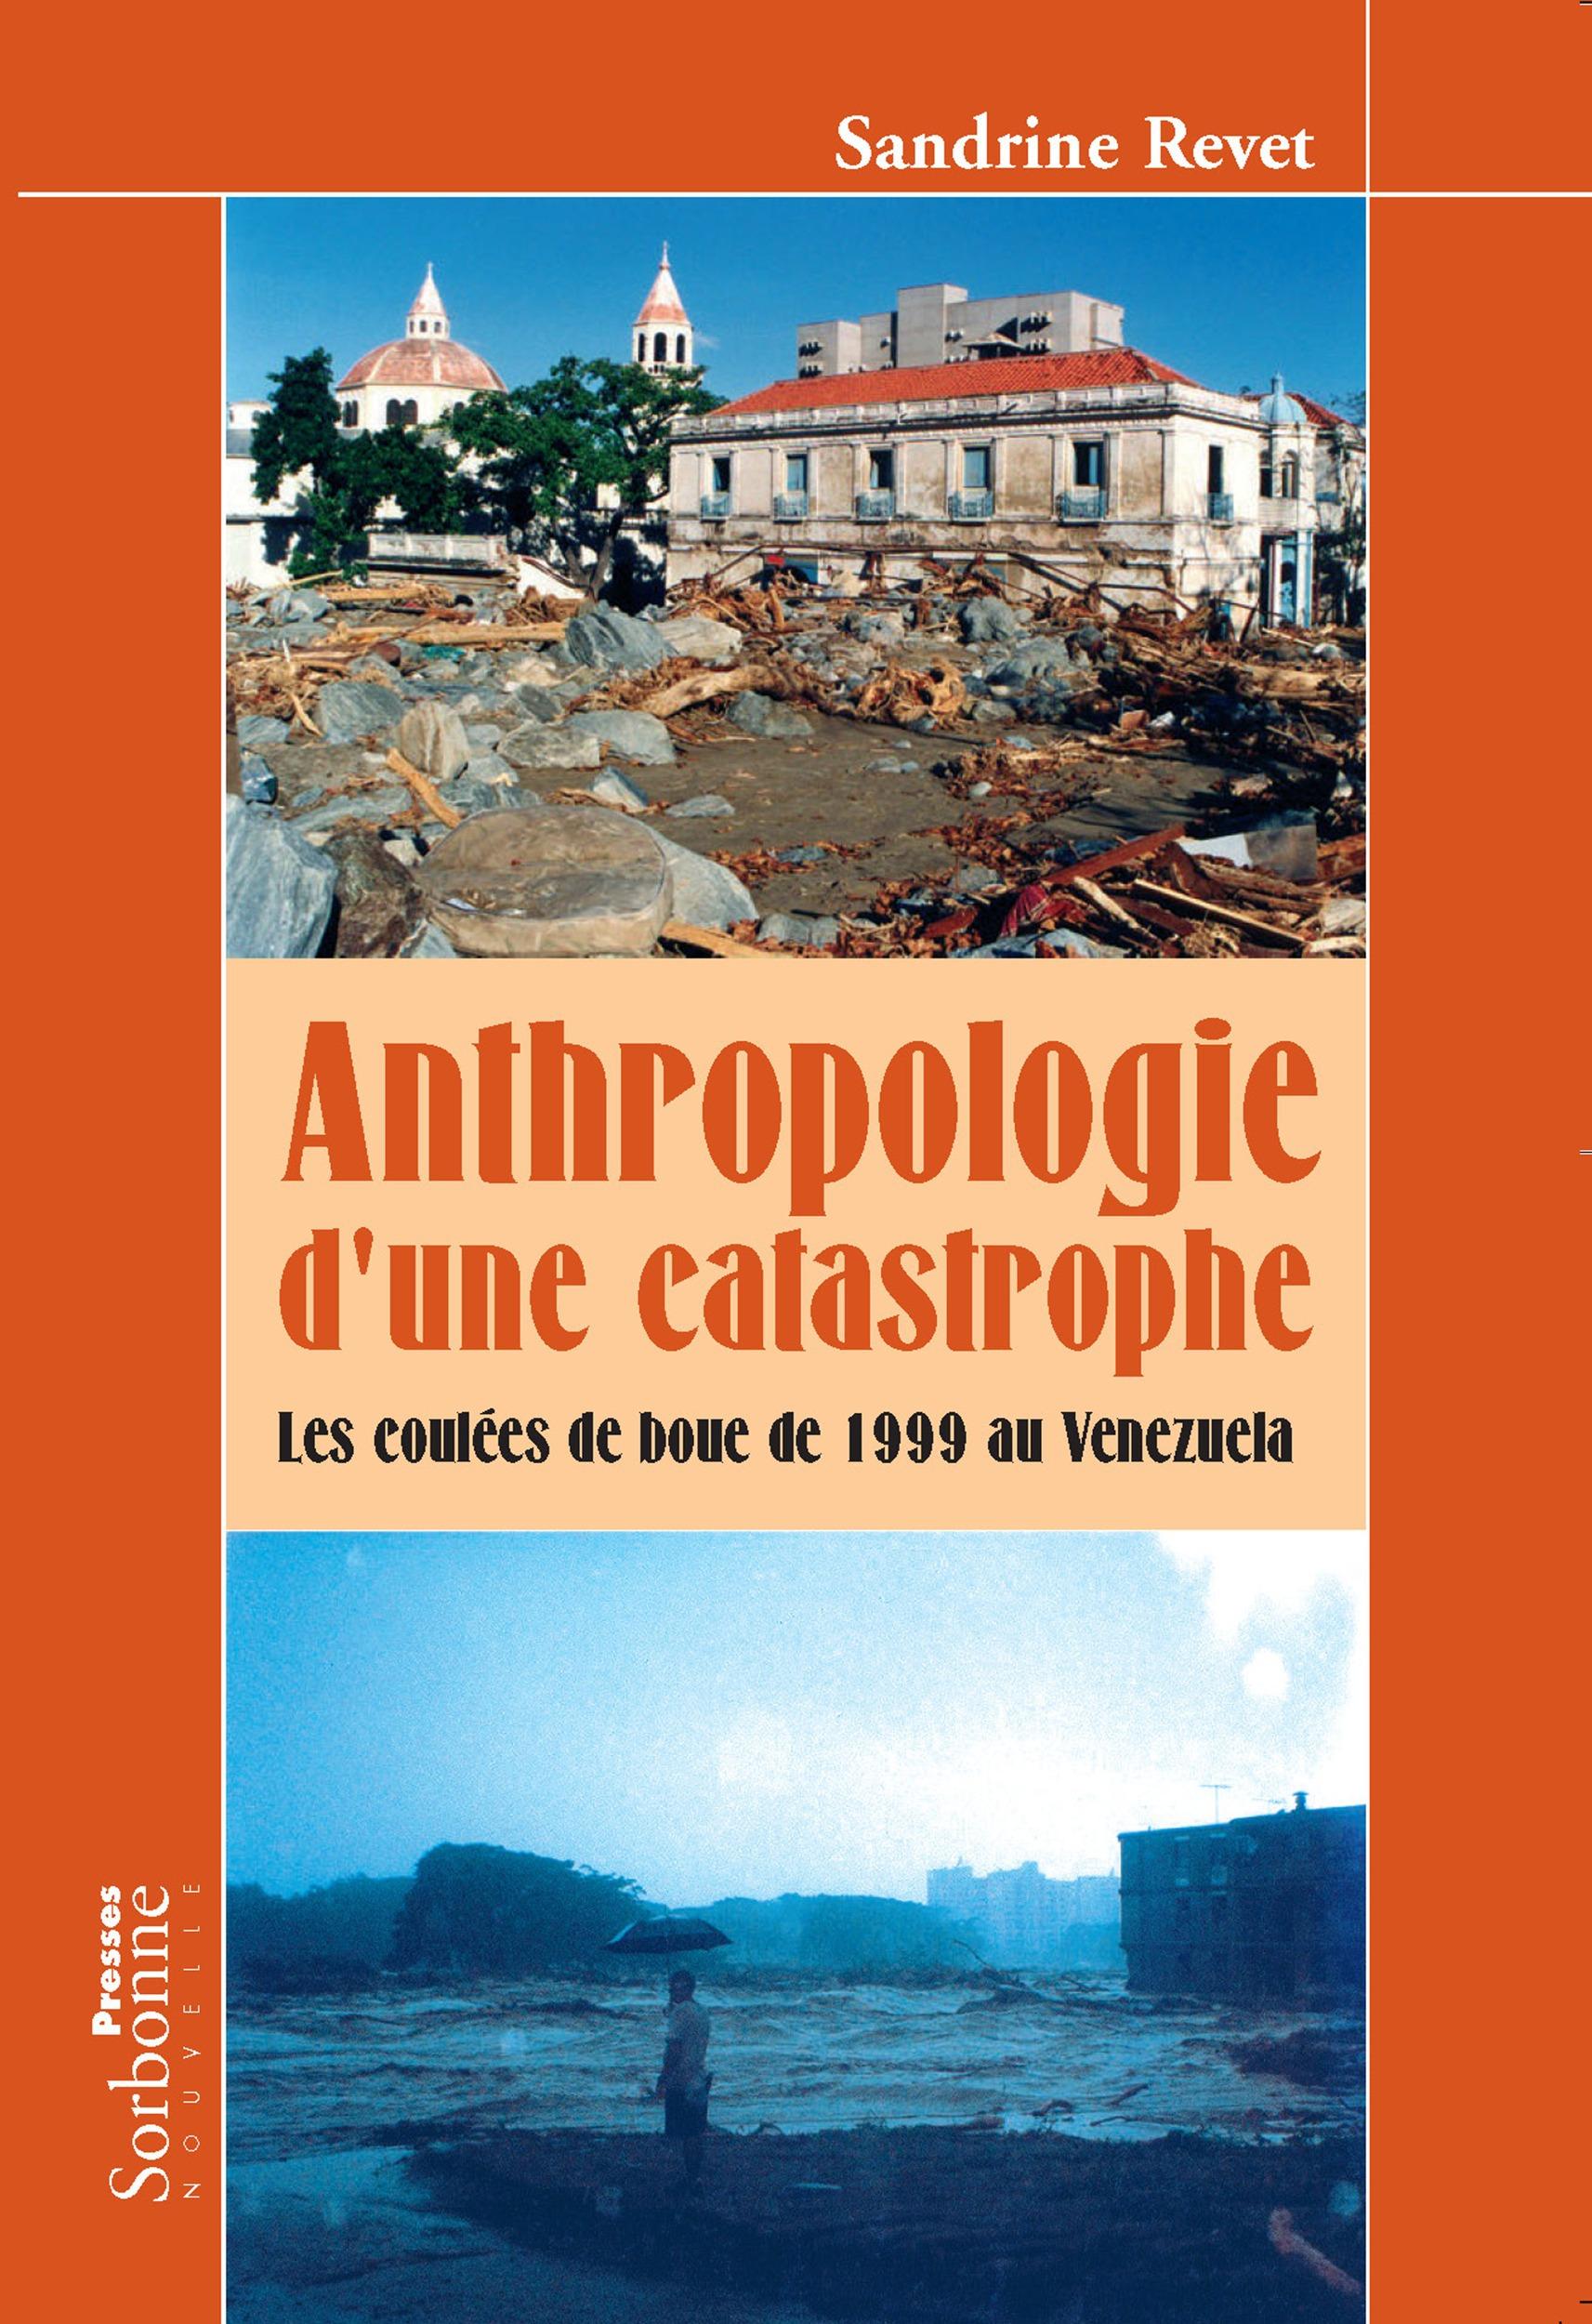 Anthropologie d'une catastrophe ; les coulées de boue de 1999 au Vénézuela